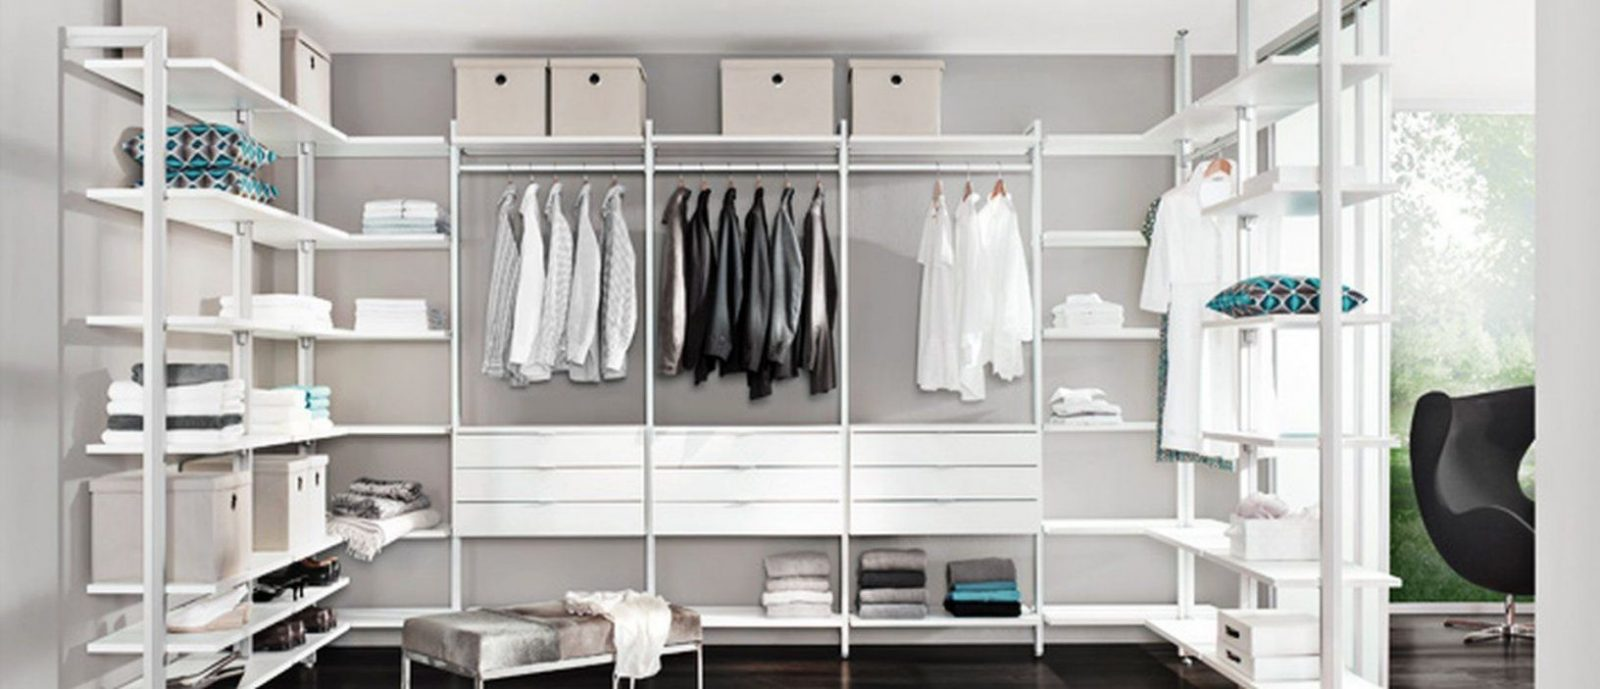 Ideen Begehbarer Kleiderschrank Neu Begehbarer Kleiderschrank Ideen von Begehbarer Kleiderschrank Mit Vorhang Photo